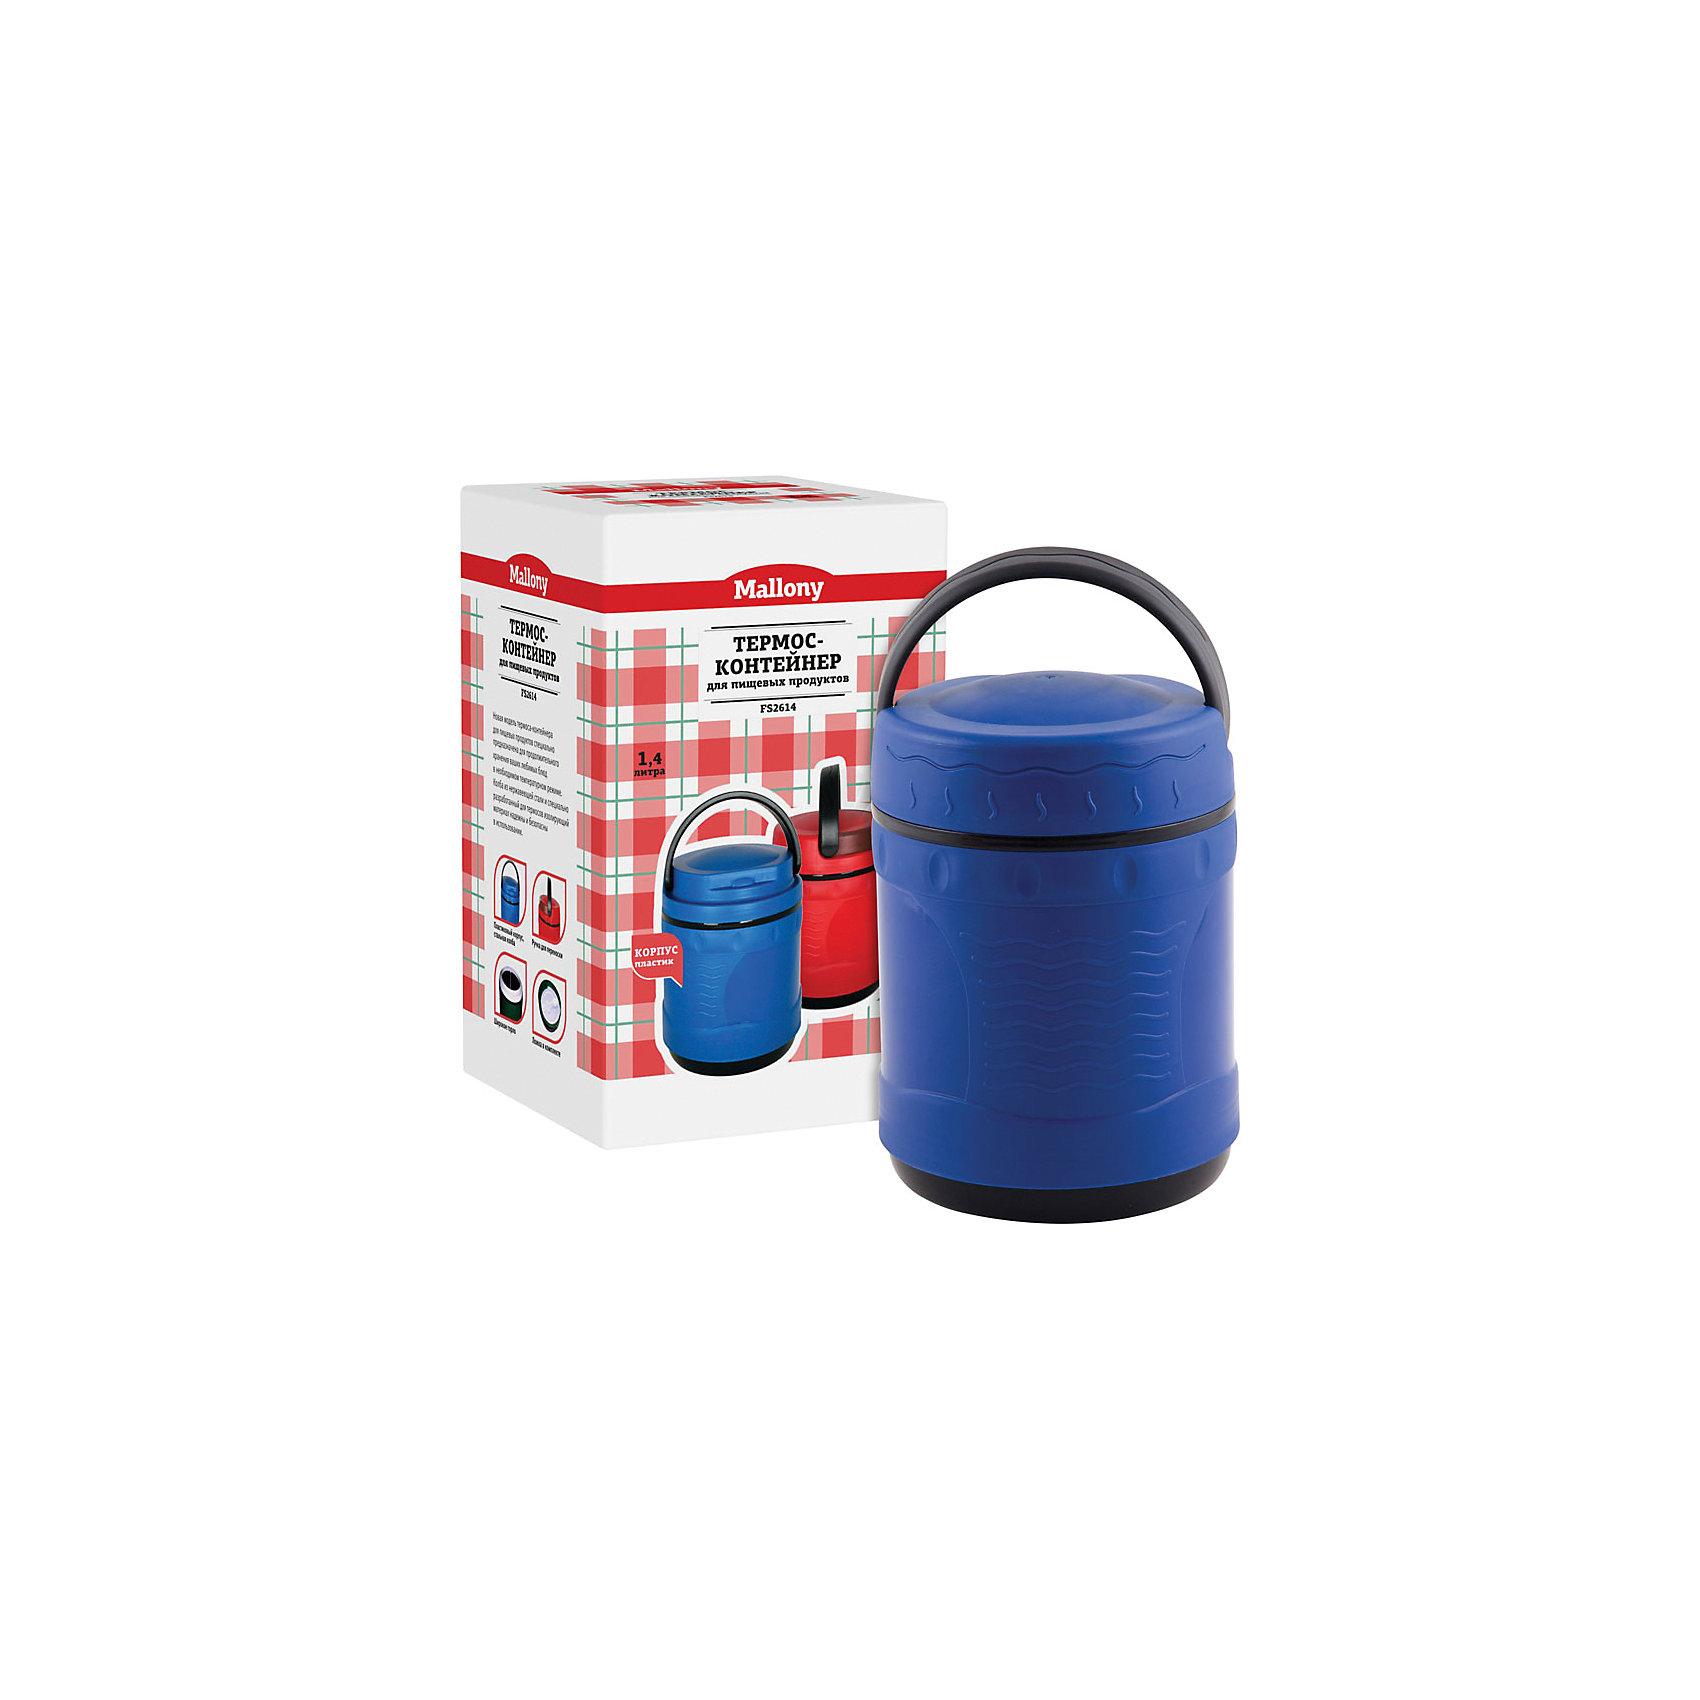 Термос FS2614 1,4 л нерж сталь, Mallony, в ассорт.Термосумки и термосы<br>Термос-контейнер для первых и вторых блюд надолго сохраняет тепло пищевых, дает возможность кушать пищевые продукты горячими. Термос с широким горлышком, крышкой и ручкой для переноски.<br><br>Дополнительная информация:<br><br>Размер термоса: 23х15х15 см<br>Объем термоса: 1,4 л<br><br>Материал: <br>колба – нержавеющая сталь; <br>корпус – пластик.<br><br>ВНИМАНИЕ! Данный артикул имеется в наличии в разных цветовых исполнениях (красный, синий, зеленый, желтый). <br>К сожалению, заранее выбрать определенный цвет невозможно.<br><br>Термос FS2614 1,4 л нерж сталь, Mallony, в ассорт. можно купить в нашем интернет-магазине.<br><br>Ширина мм: 150<br>Глубина мм: 150<br>Высота мм: 220<br>Вес г: 667<br>Возраст от месяцев: 6<br>Возраст до месяцев: 1080<br>Пол: Унисекс<br>Возраст: Детский<br>SKU: 4989850